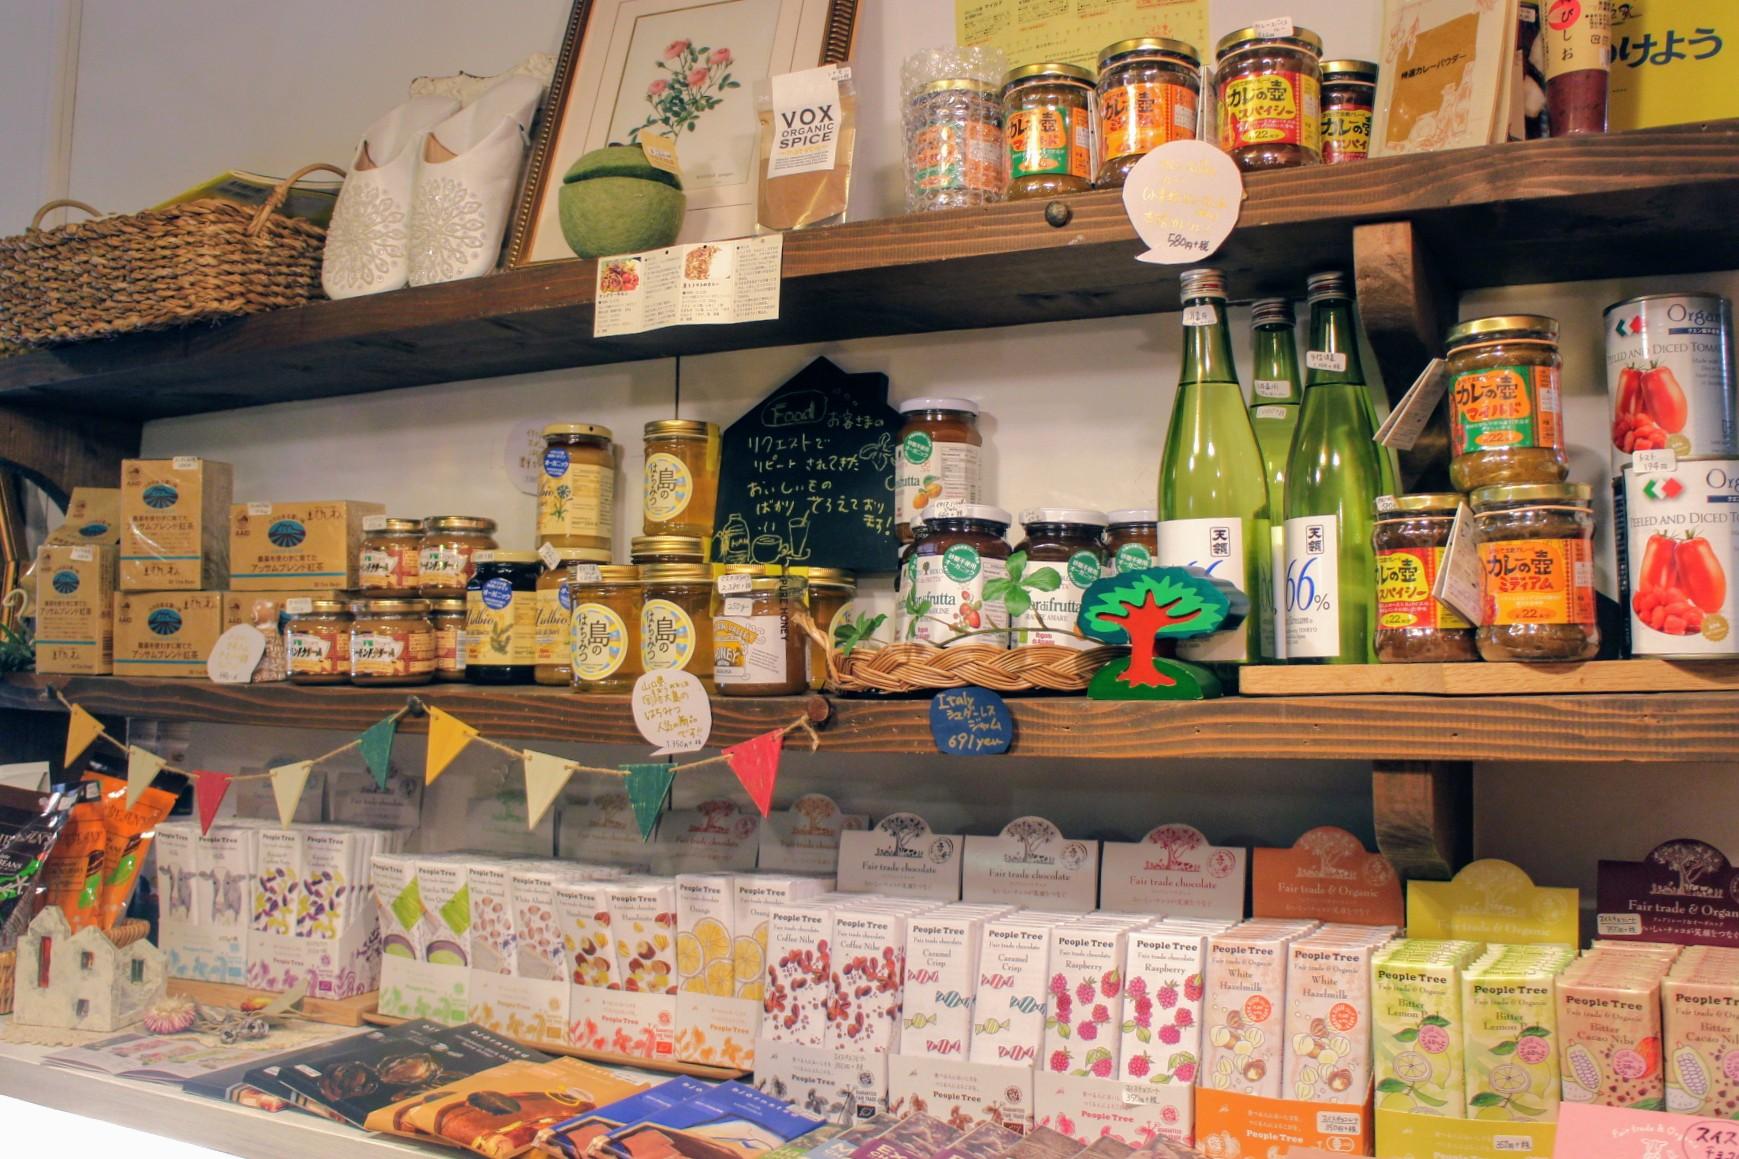 フェアトレード商品と雑貨のお店「neem」